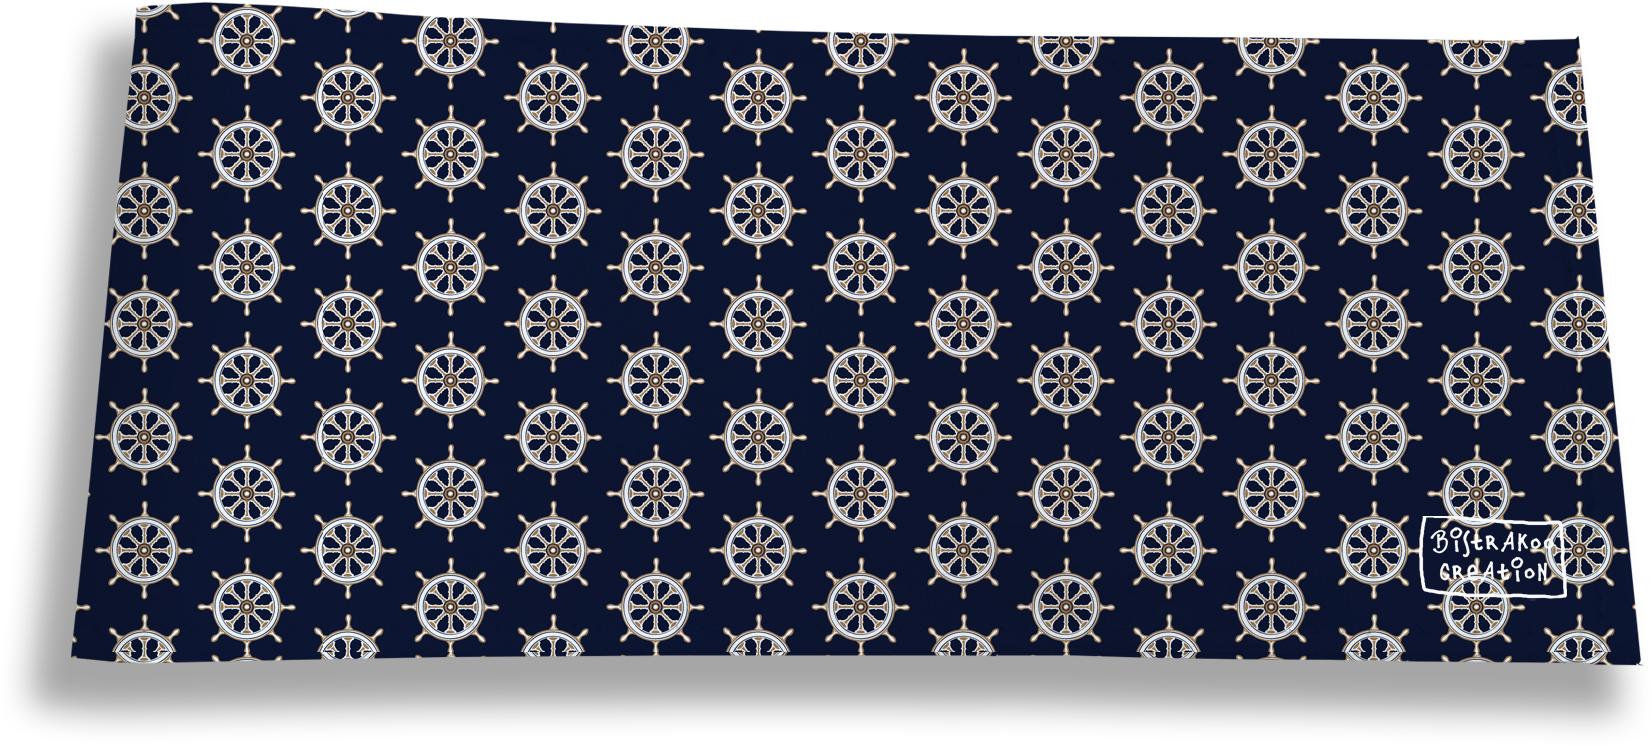 Porte-chéquier long horizontal pour homme motif Barres blanches fond bleu marine 2138